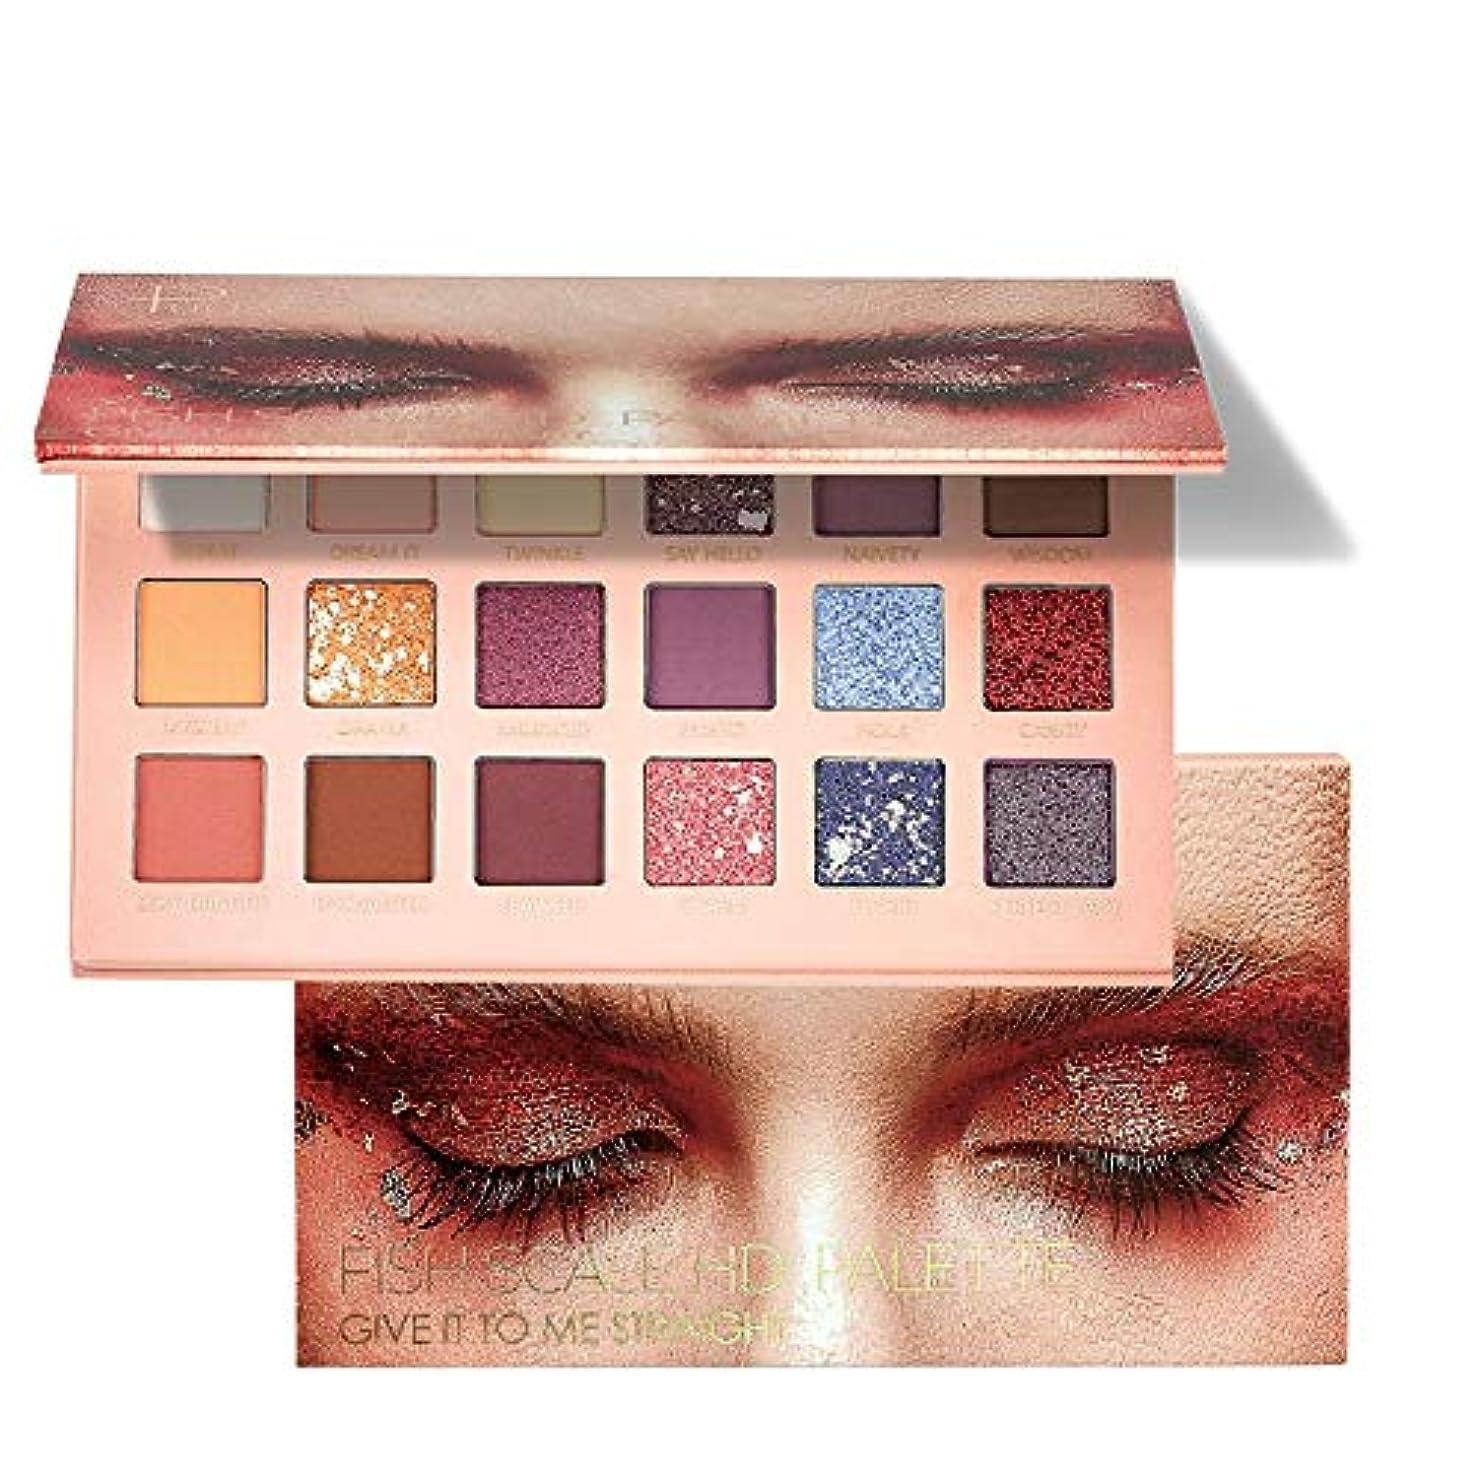 炎上クスコハロウィンタコニャン 18色 Eye Shadow アイシャドウパレット グリッターアイシャドウ パール マットマット 着色が簡単で、発色が良い 明るい目効果で印象や魅力アップ